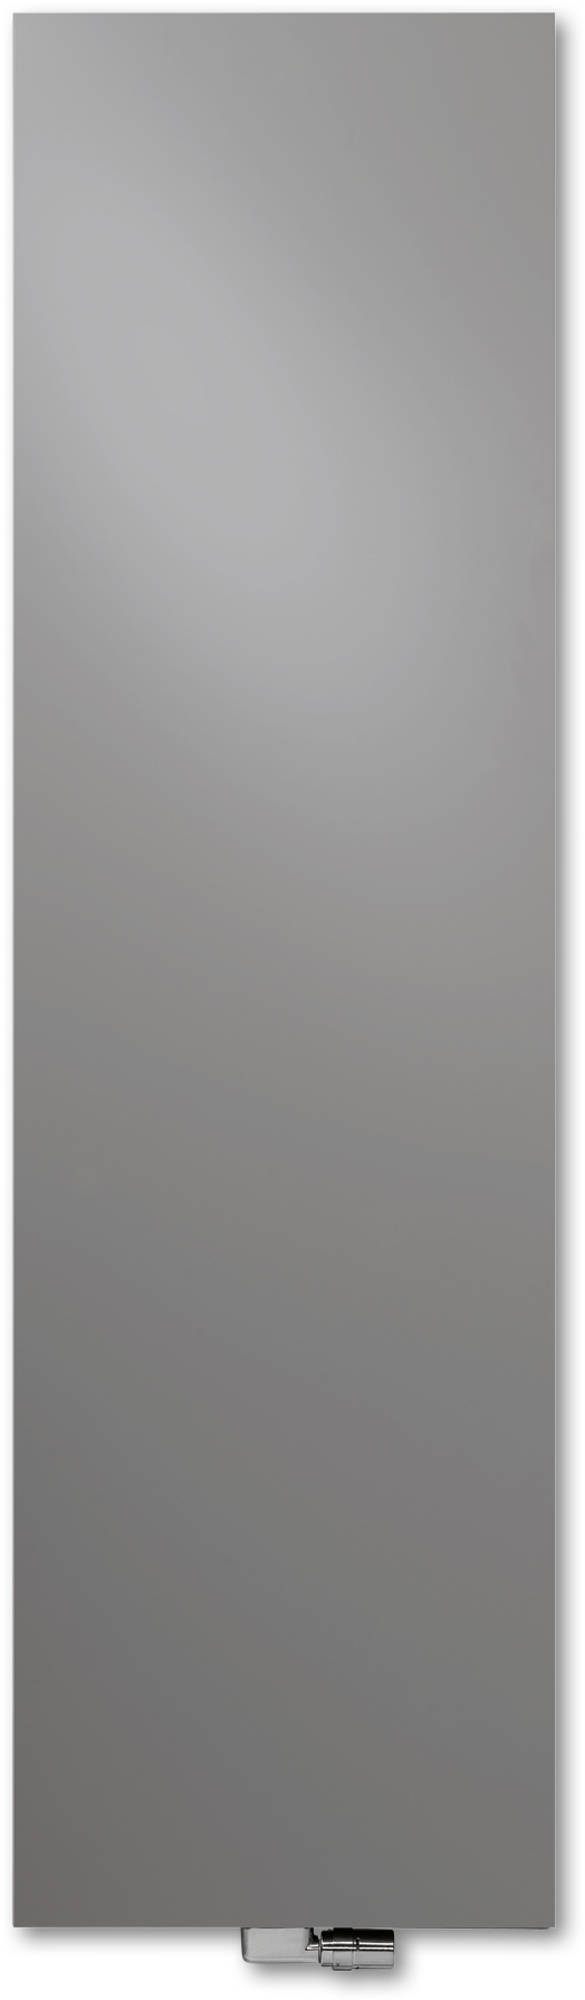 Vasco Niva Verticaal N1L1 Designradiator 202x52 cm Grijs